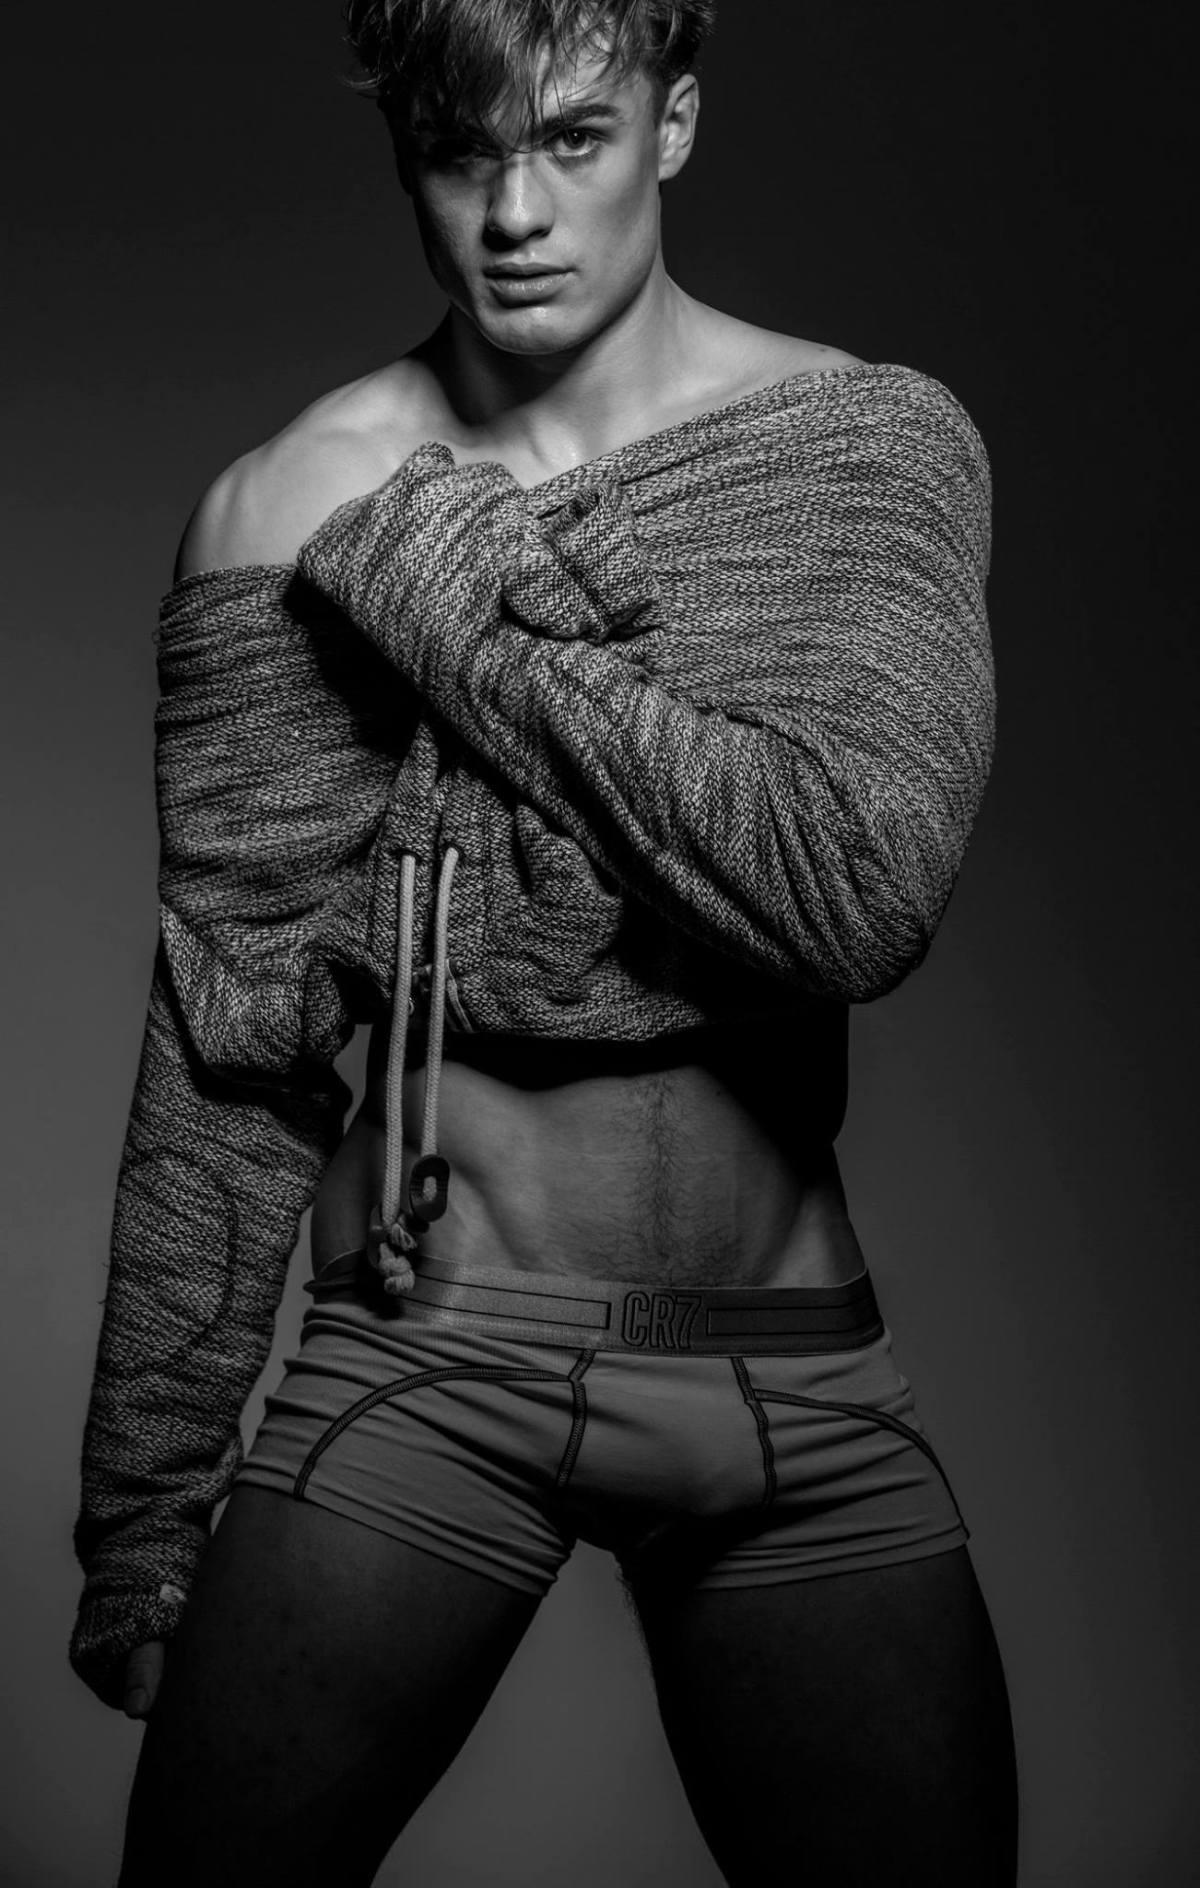 Jan Chris Ullrich by Paul Van Der Linde